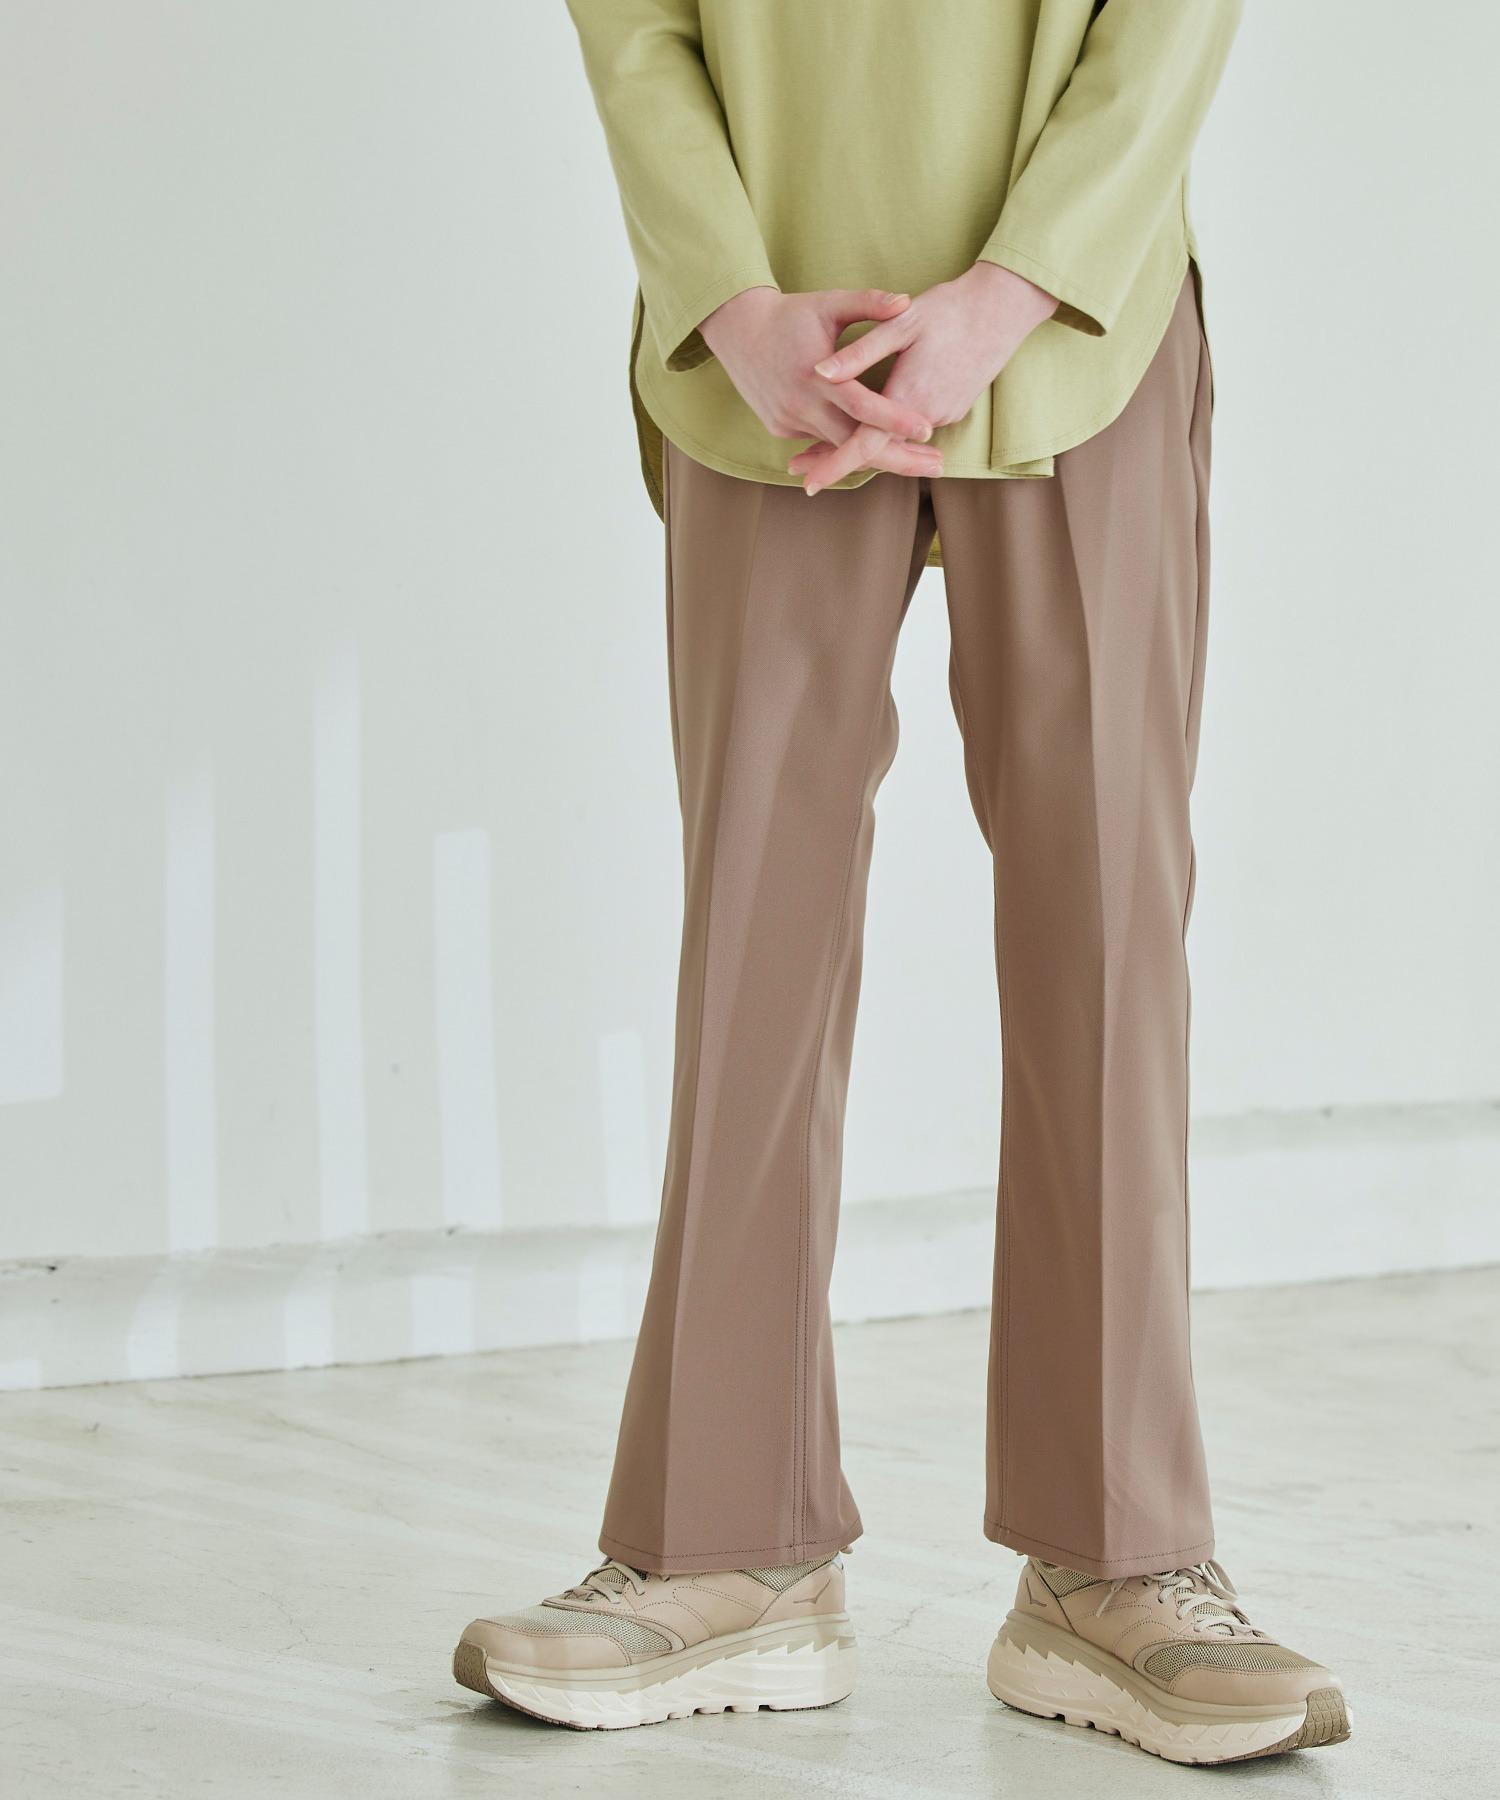 Wrangler/ラングラー WRANCHER DRESS スタプレ ランチャーストレッチツイル センタープレスセミフレアパンツ